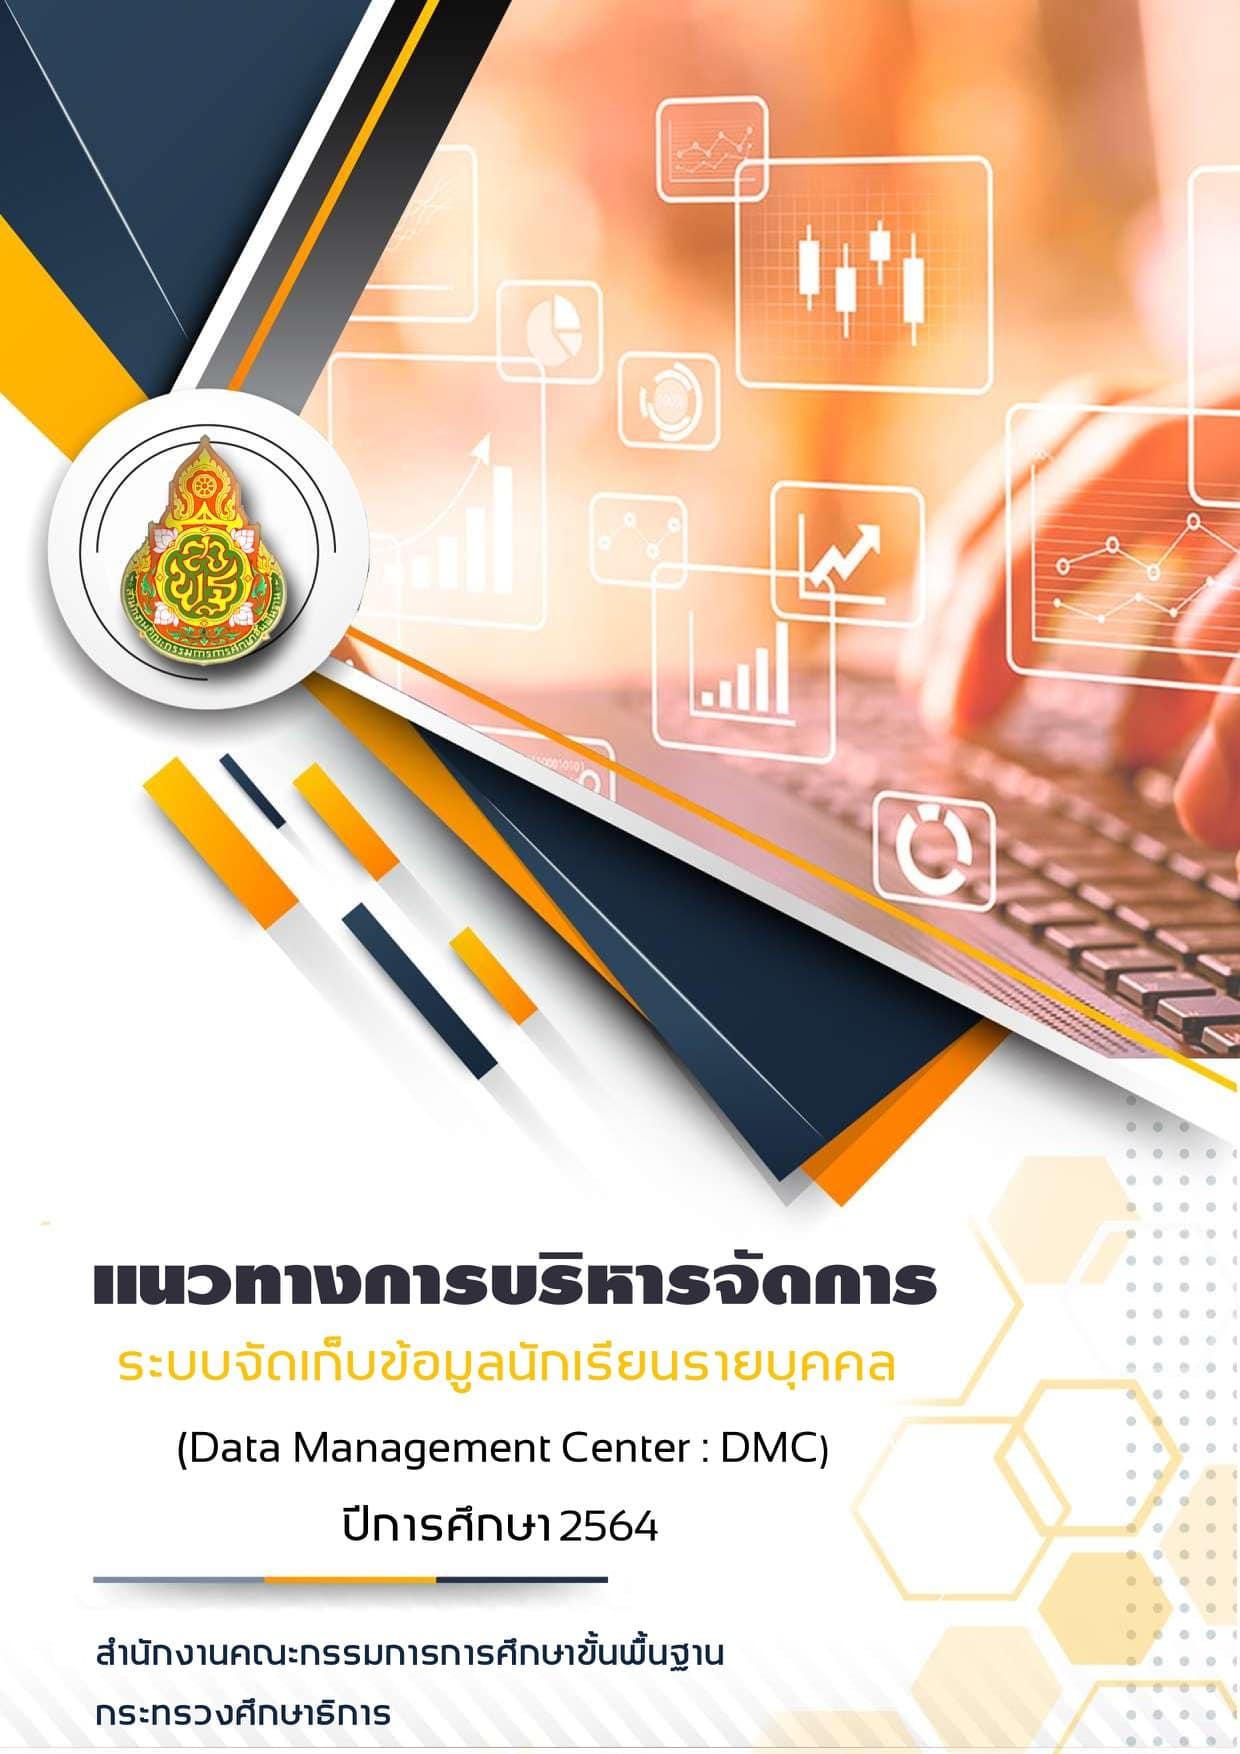 แนวทางการบริหารจัดการ ระบบจัดเก็บข้อมูลนักเรียนรายบุคคล (Data Management Center : DMC) ปีการศึกษา 2564